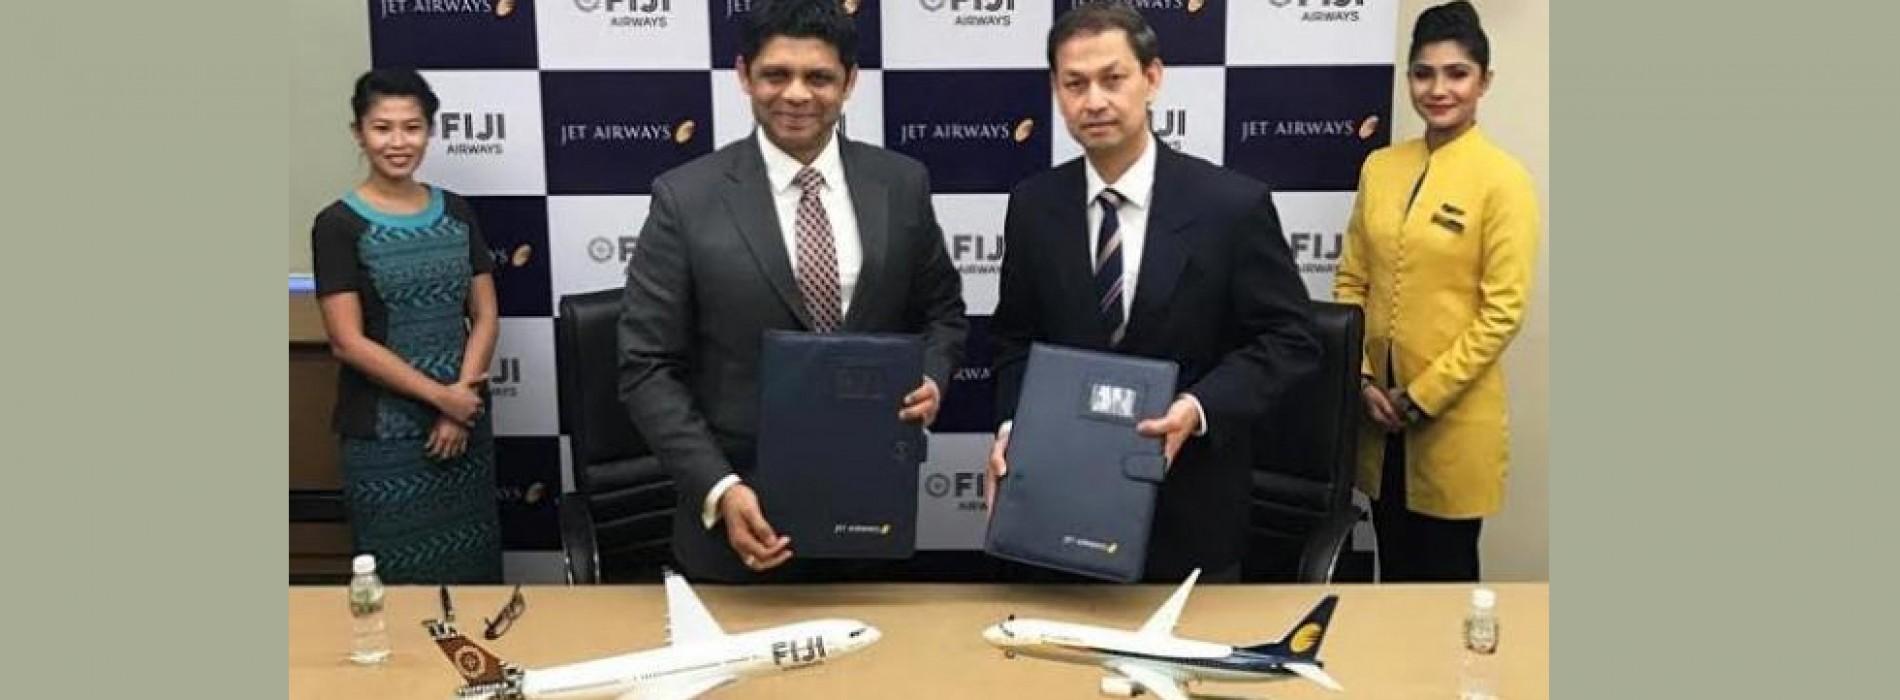 Jet Airways And Fiji Airways announce Codeshare Agreement